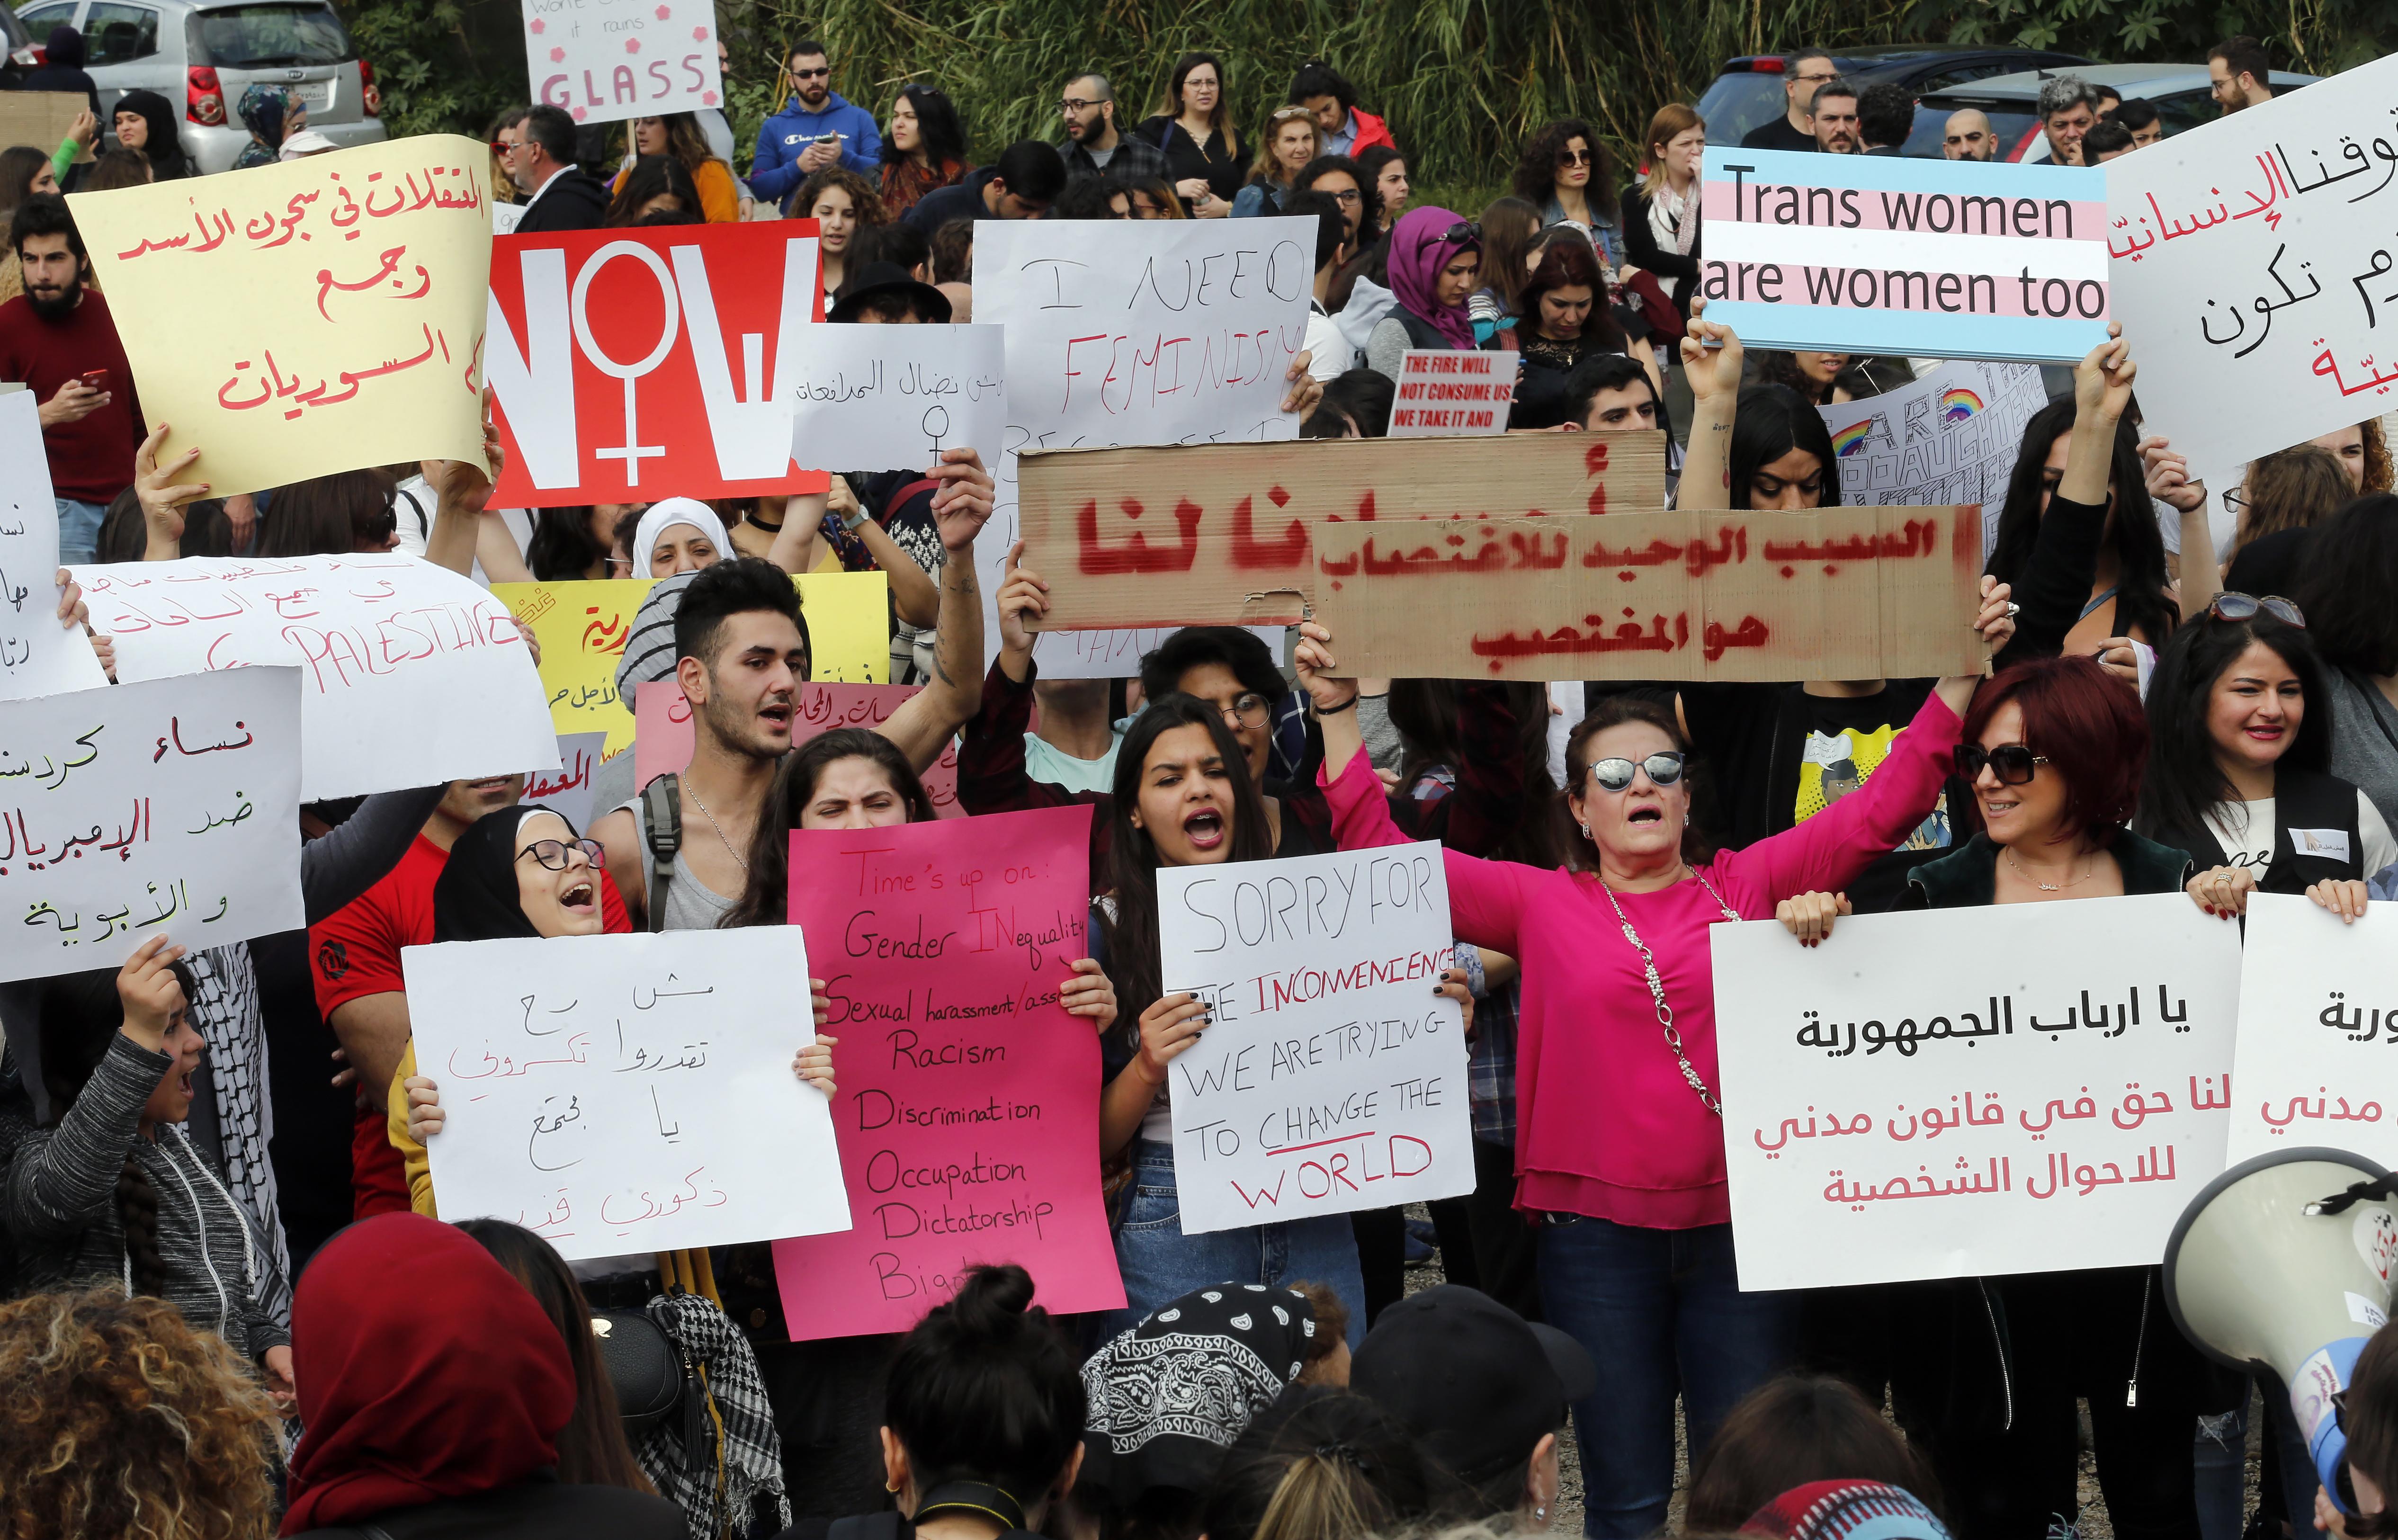 تظاهرة نسوية في بيروت بمناسبة اليوم المرأة العالمي (أ ف ب)